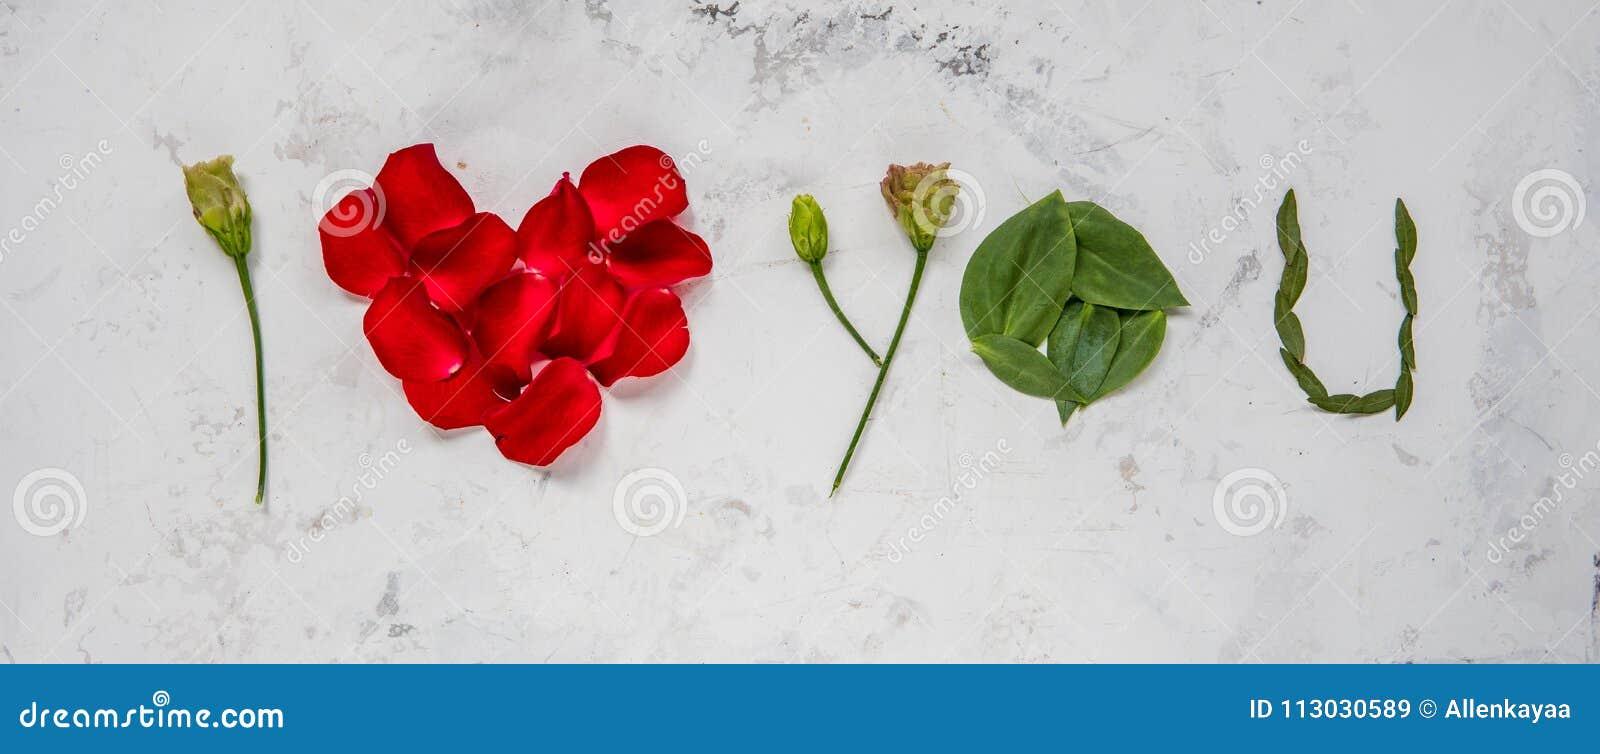 Te amo - hecho de flores, de pétalos y de hojas